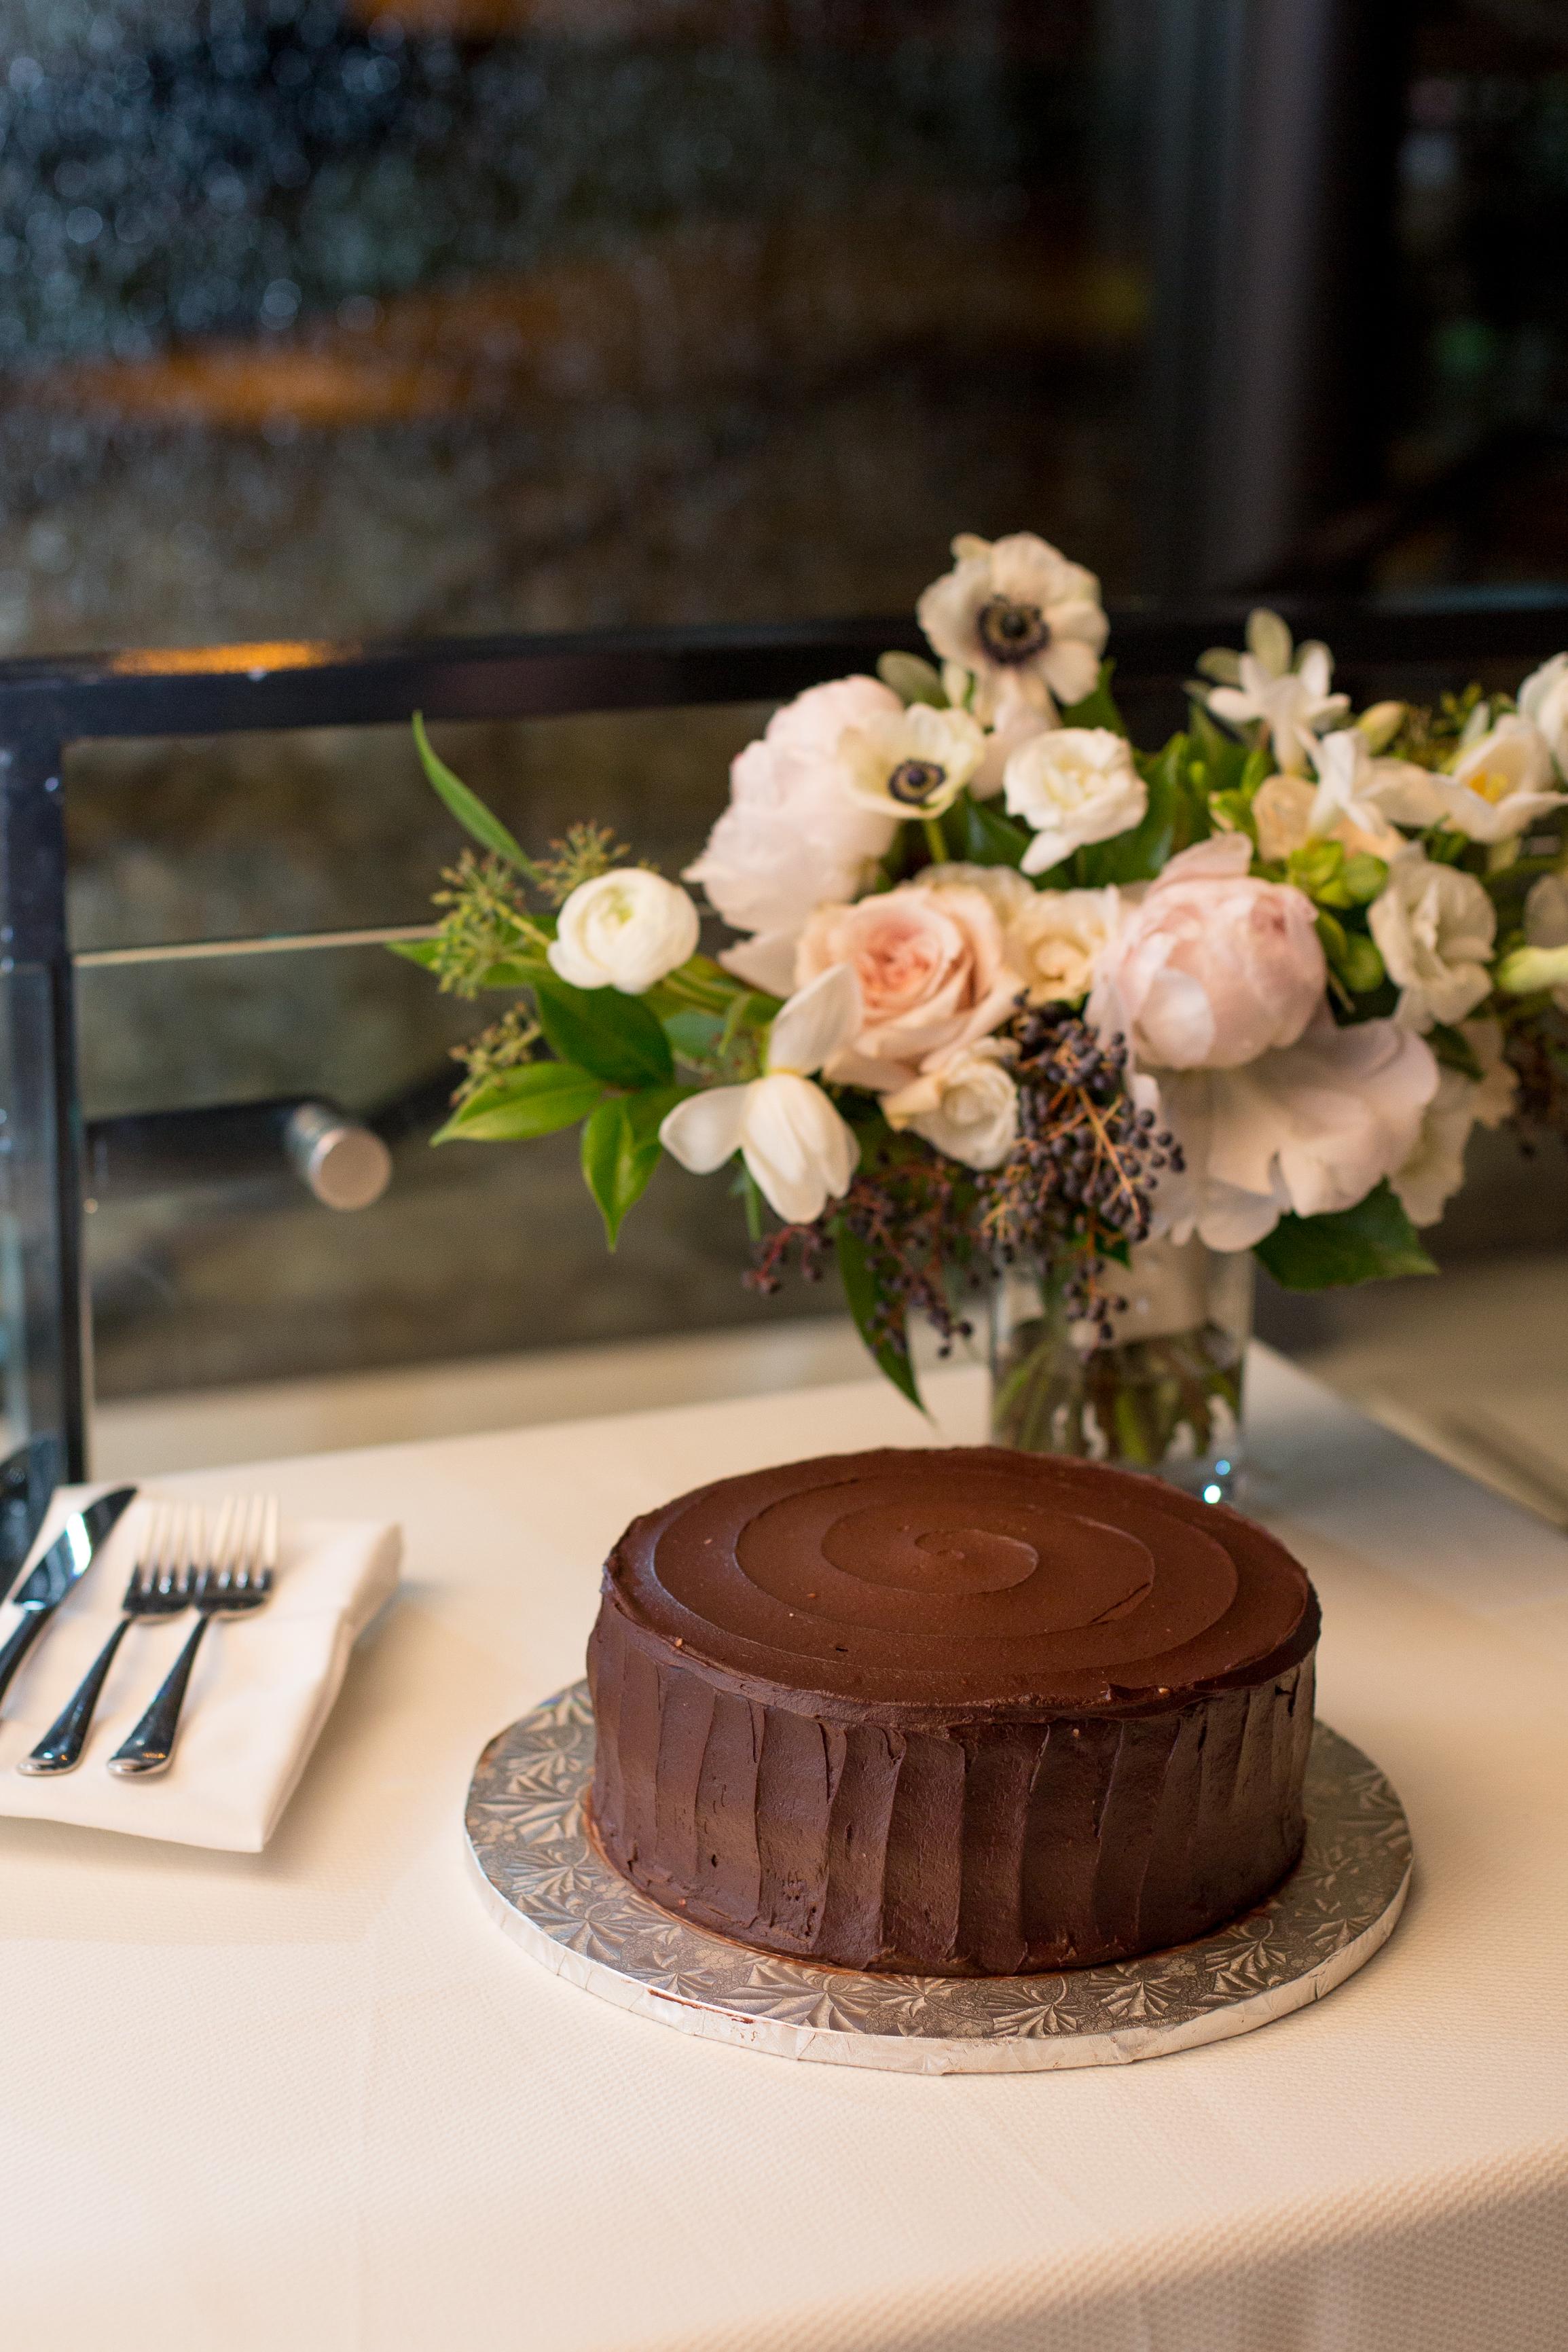 burlington-oakville-wedding-decor-kj-and-co-planner-7.jpg